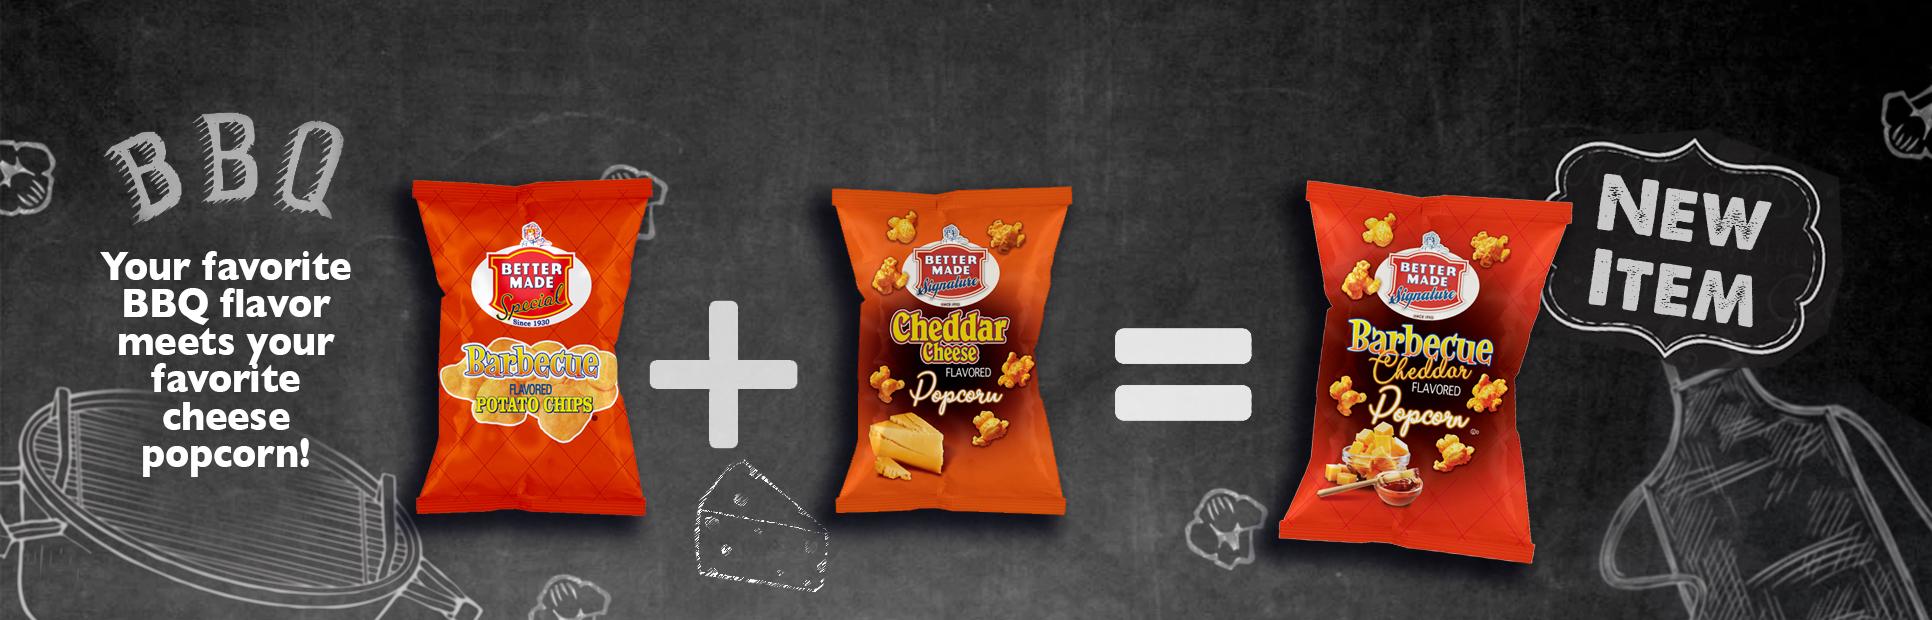 BBQ Cheddar Chip & Popcorn